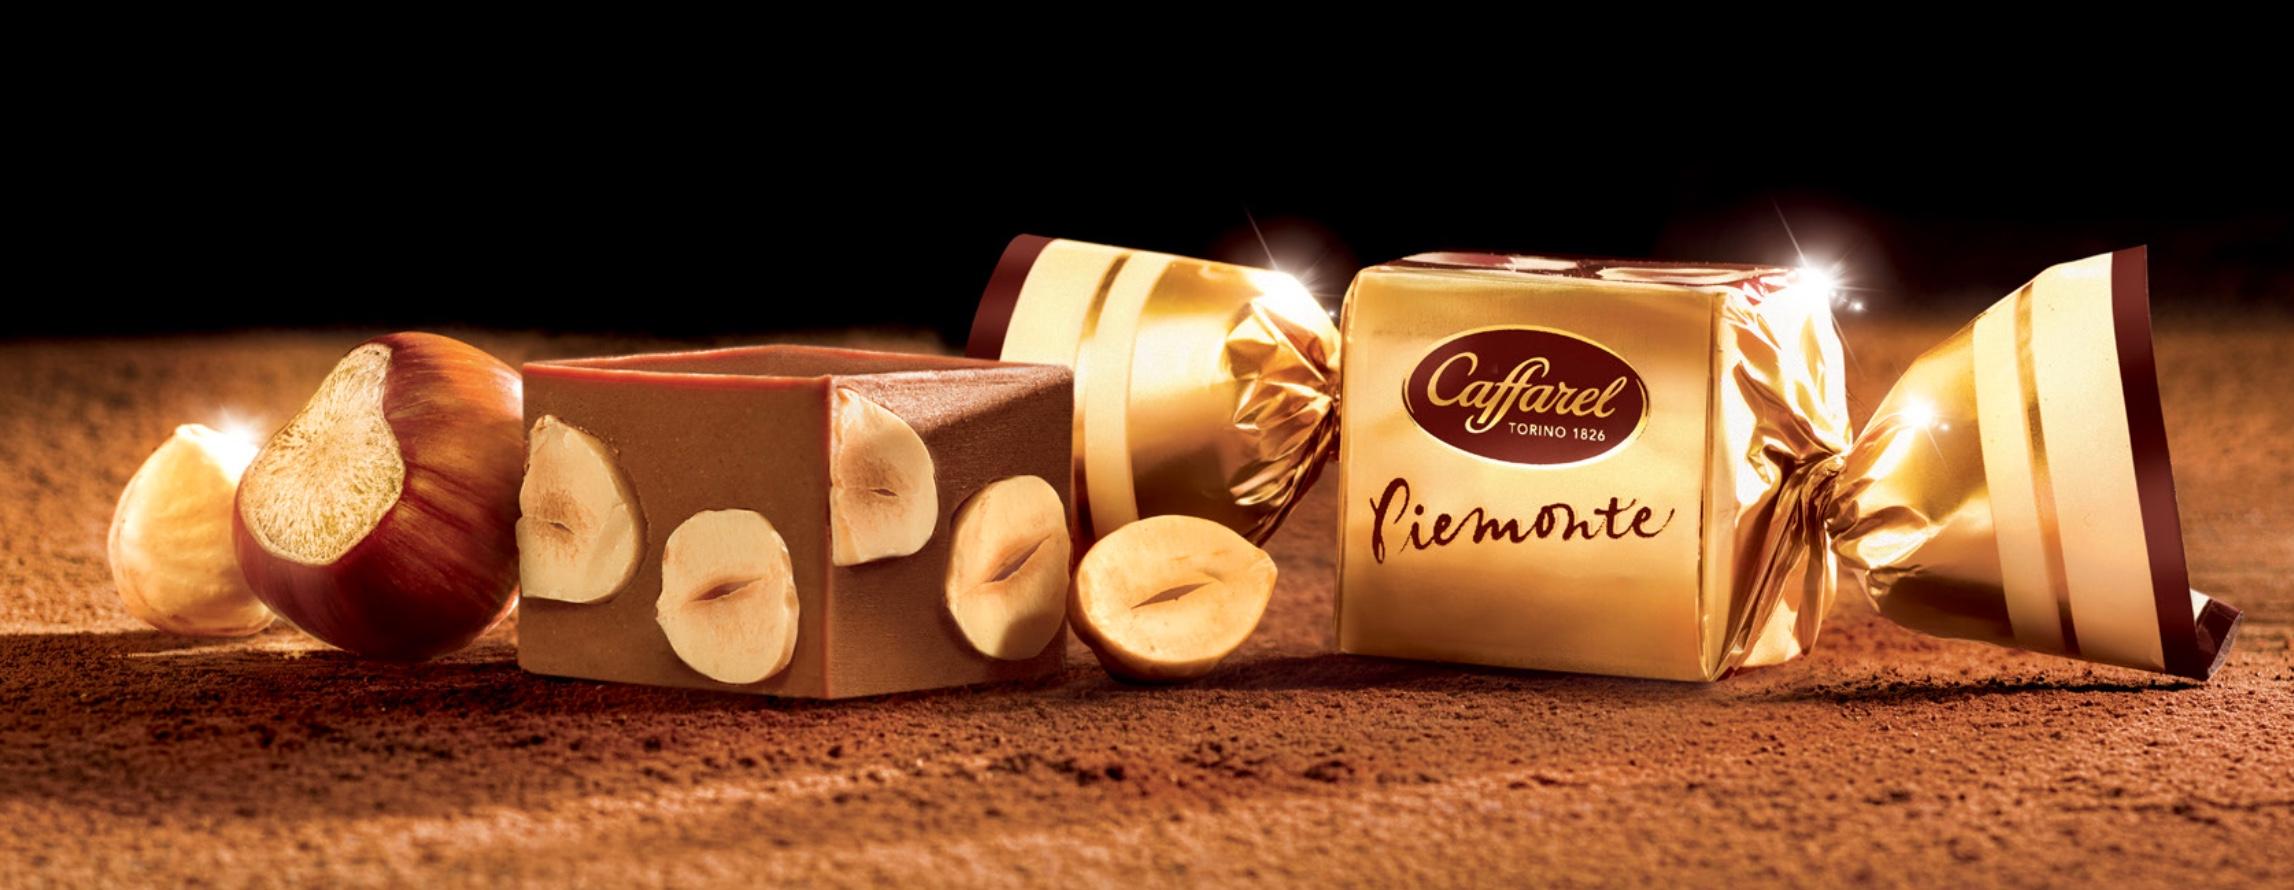 Capture decran 2021 07 09 a 11.53.16 1 - Un chocolat d'exception de culture artisanale